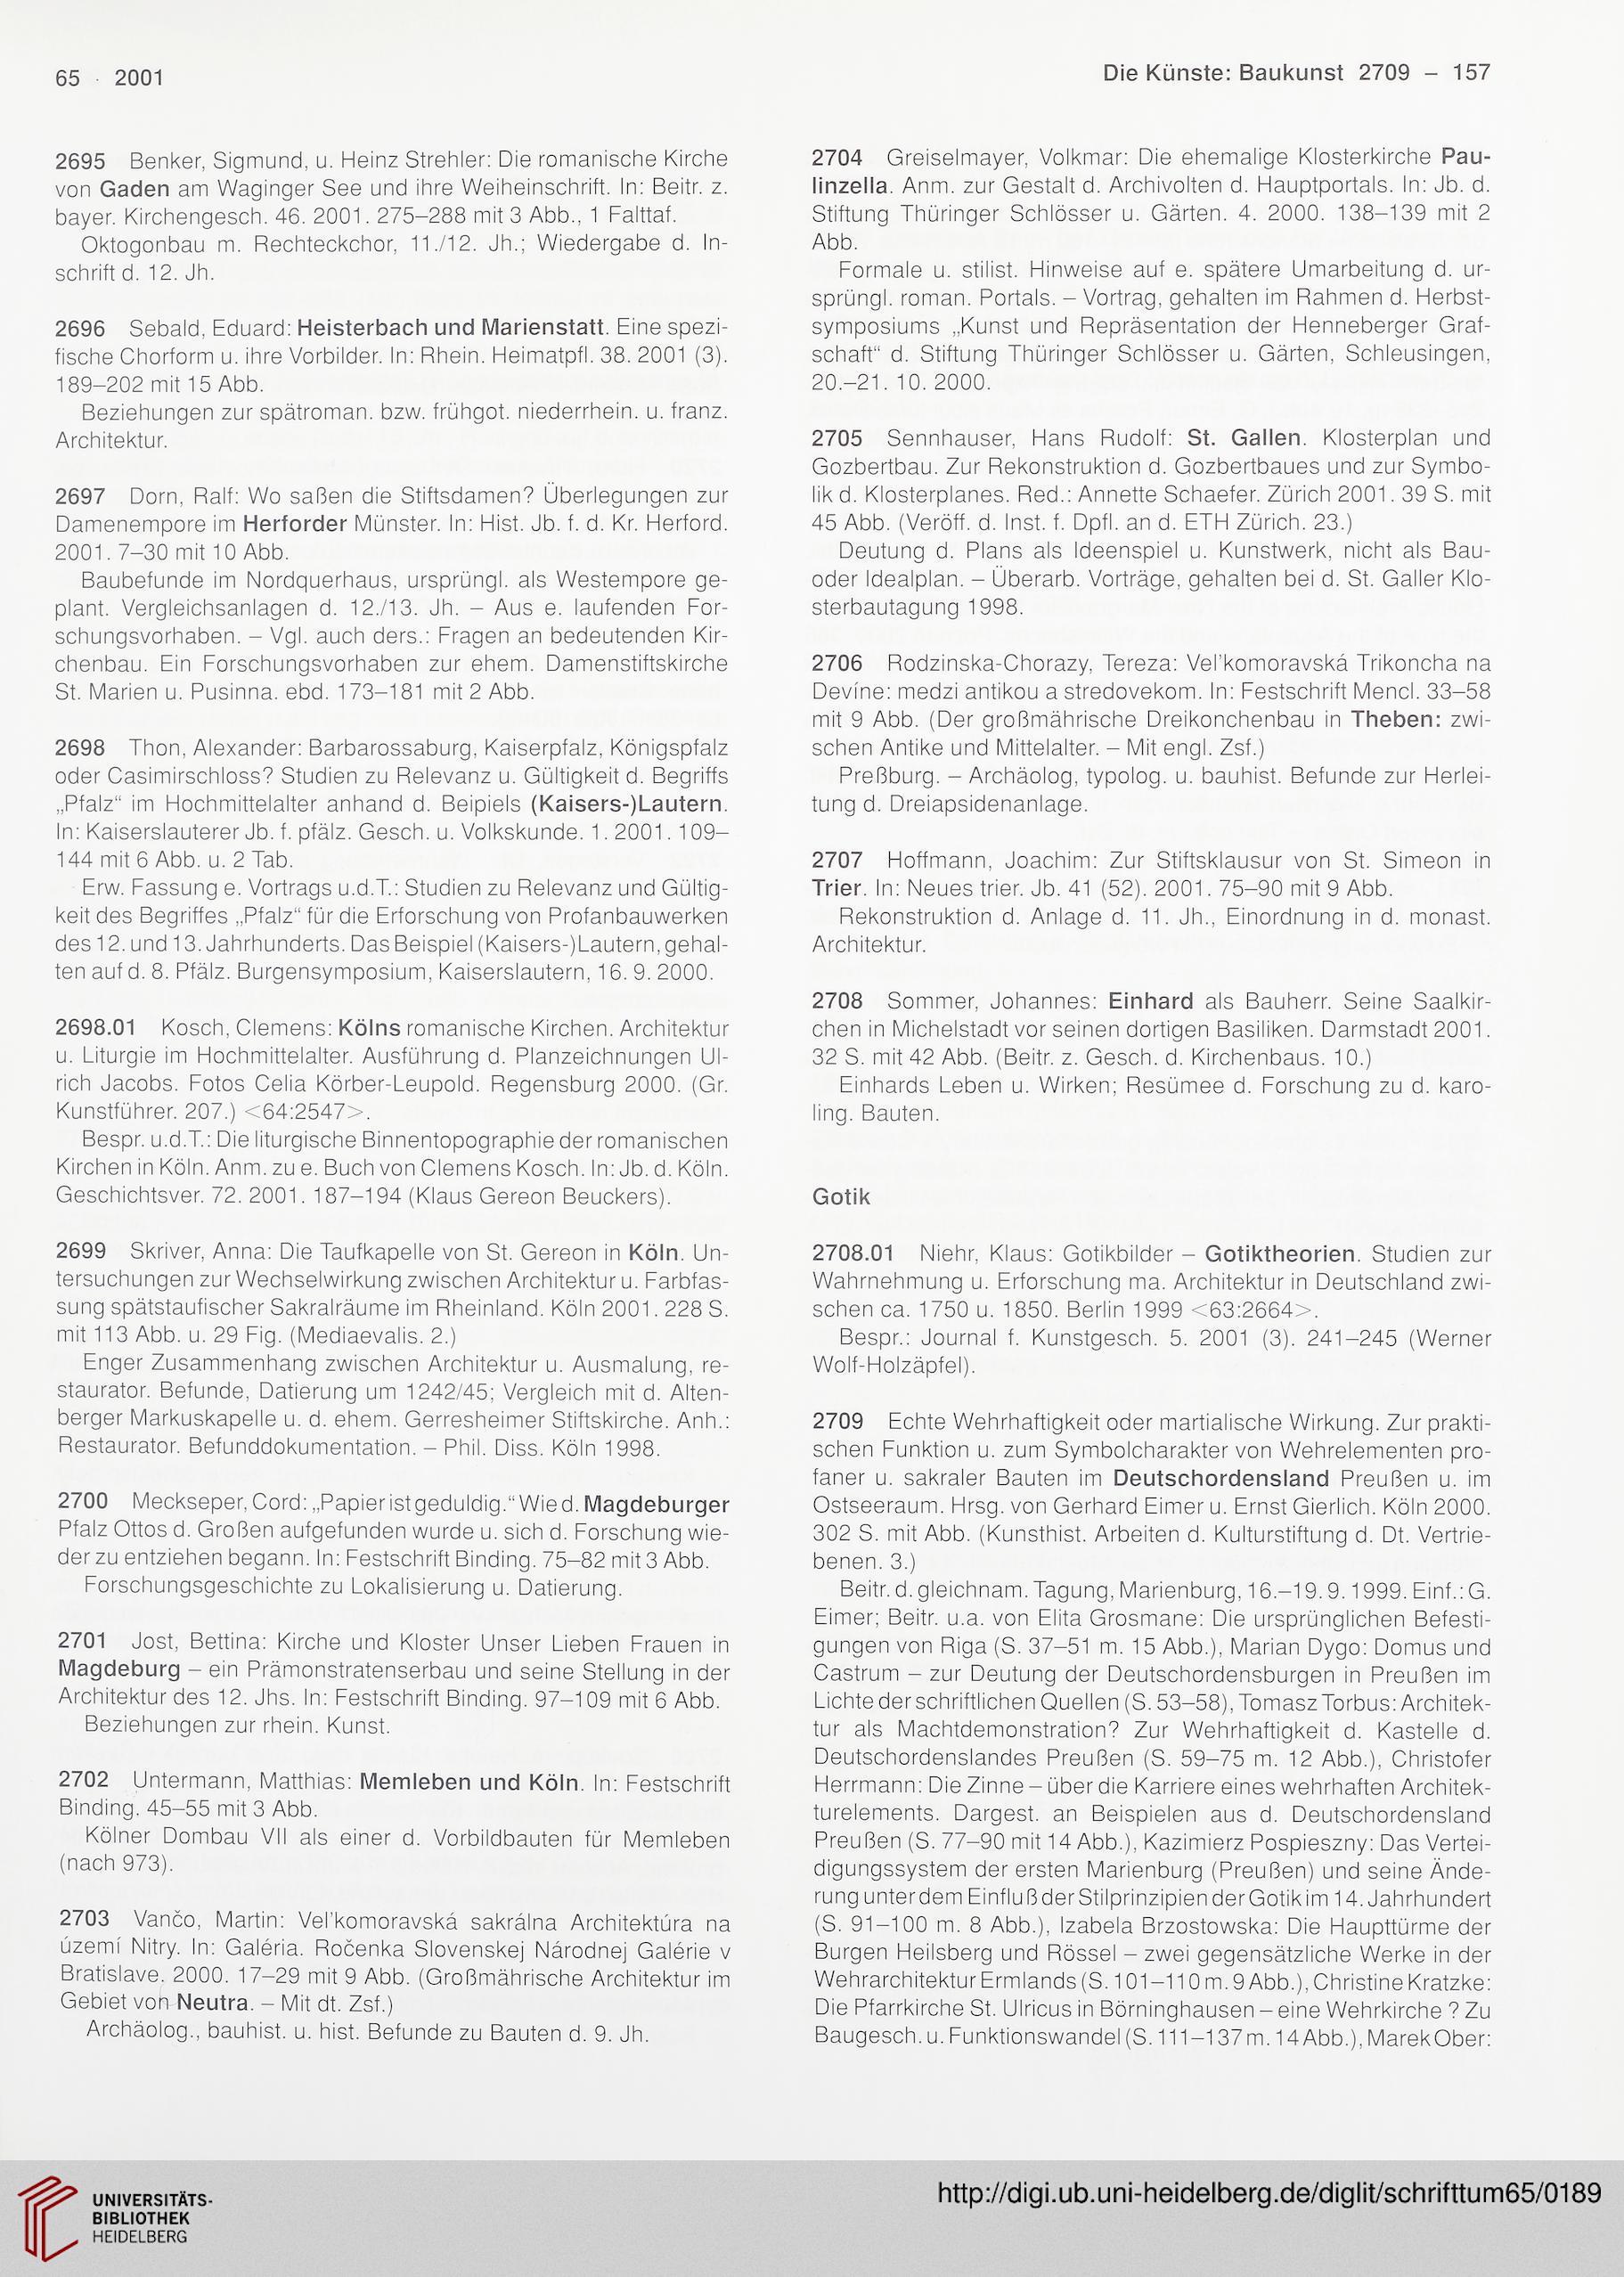 Logik von II 21 und der erste Teil von II 22), aber die kurzen.